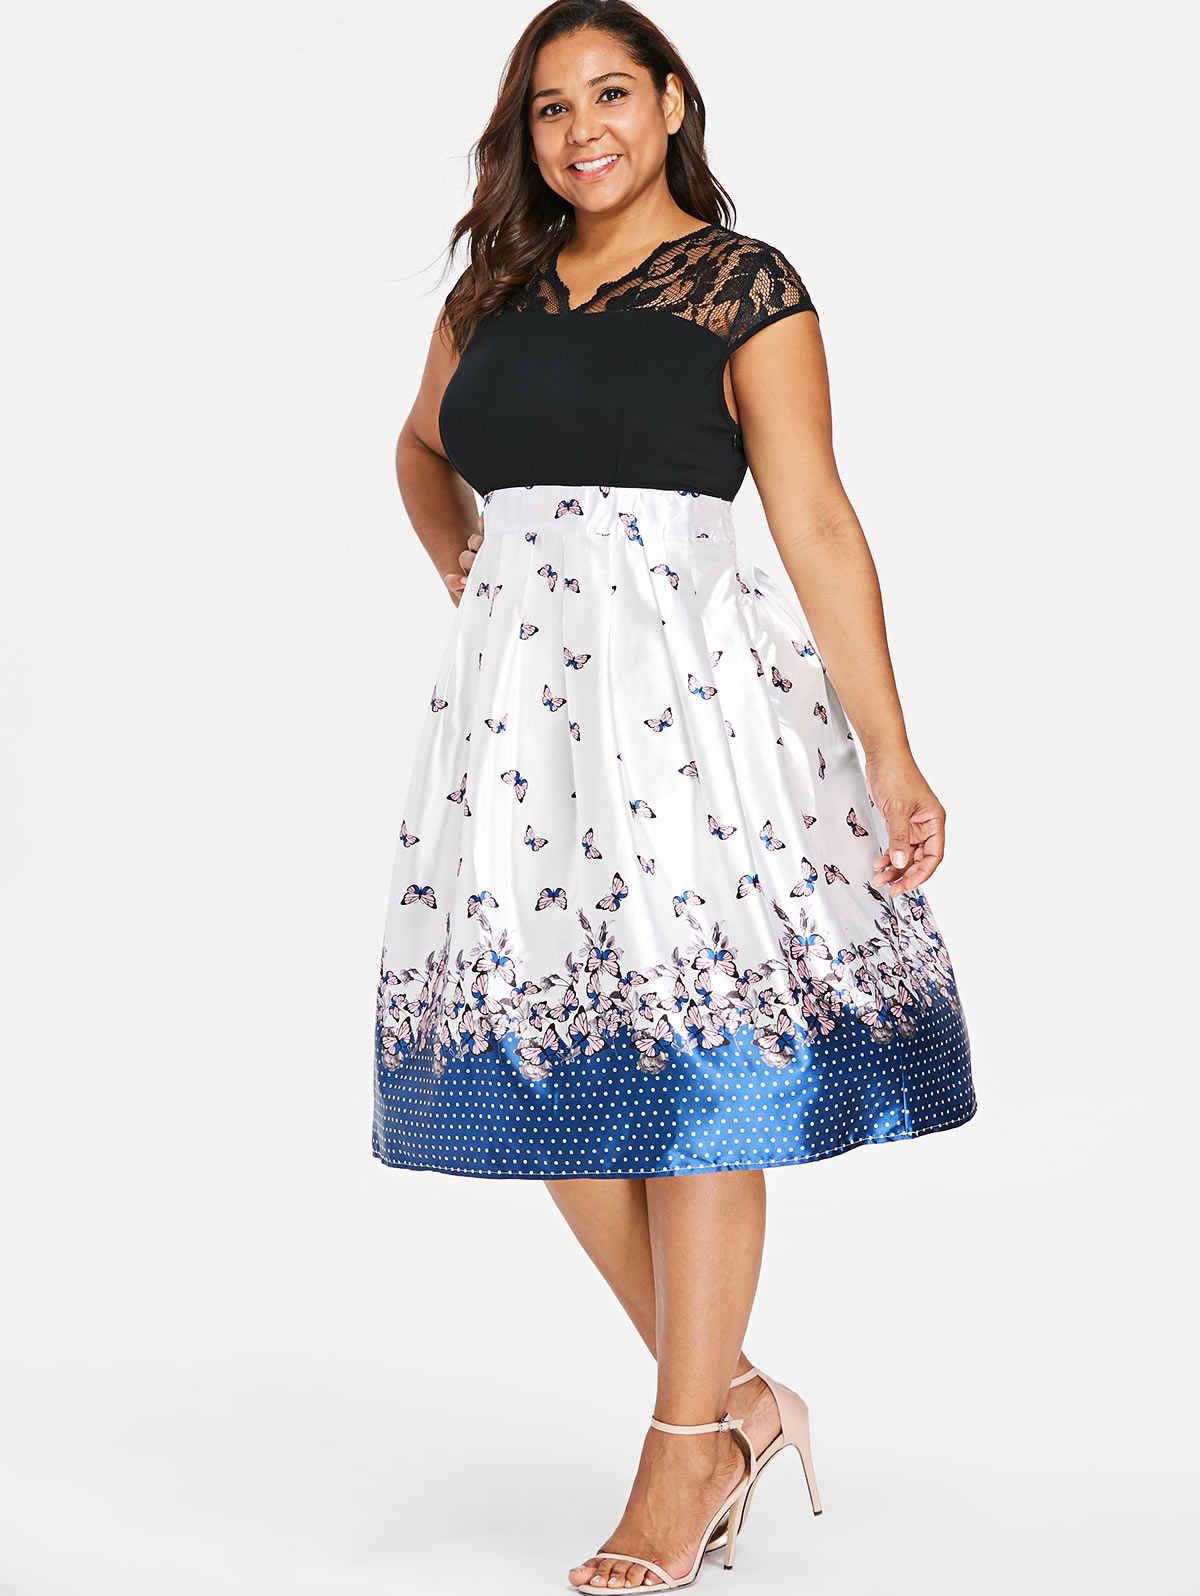 Wisalo/винтажное платье с кружевной отделкой и расклешенным подолом, с принтом бабочки, длиной до колена, ТРАПЕЦИЕВИДНОЕ ПЛАТЬЕ для женщин, весна-лето, ретро, Vestidos